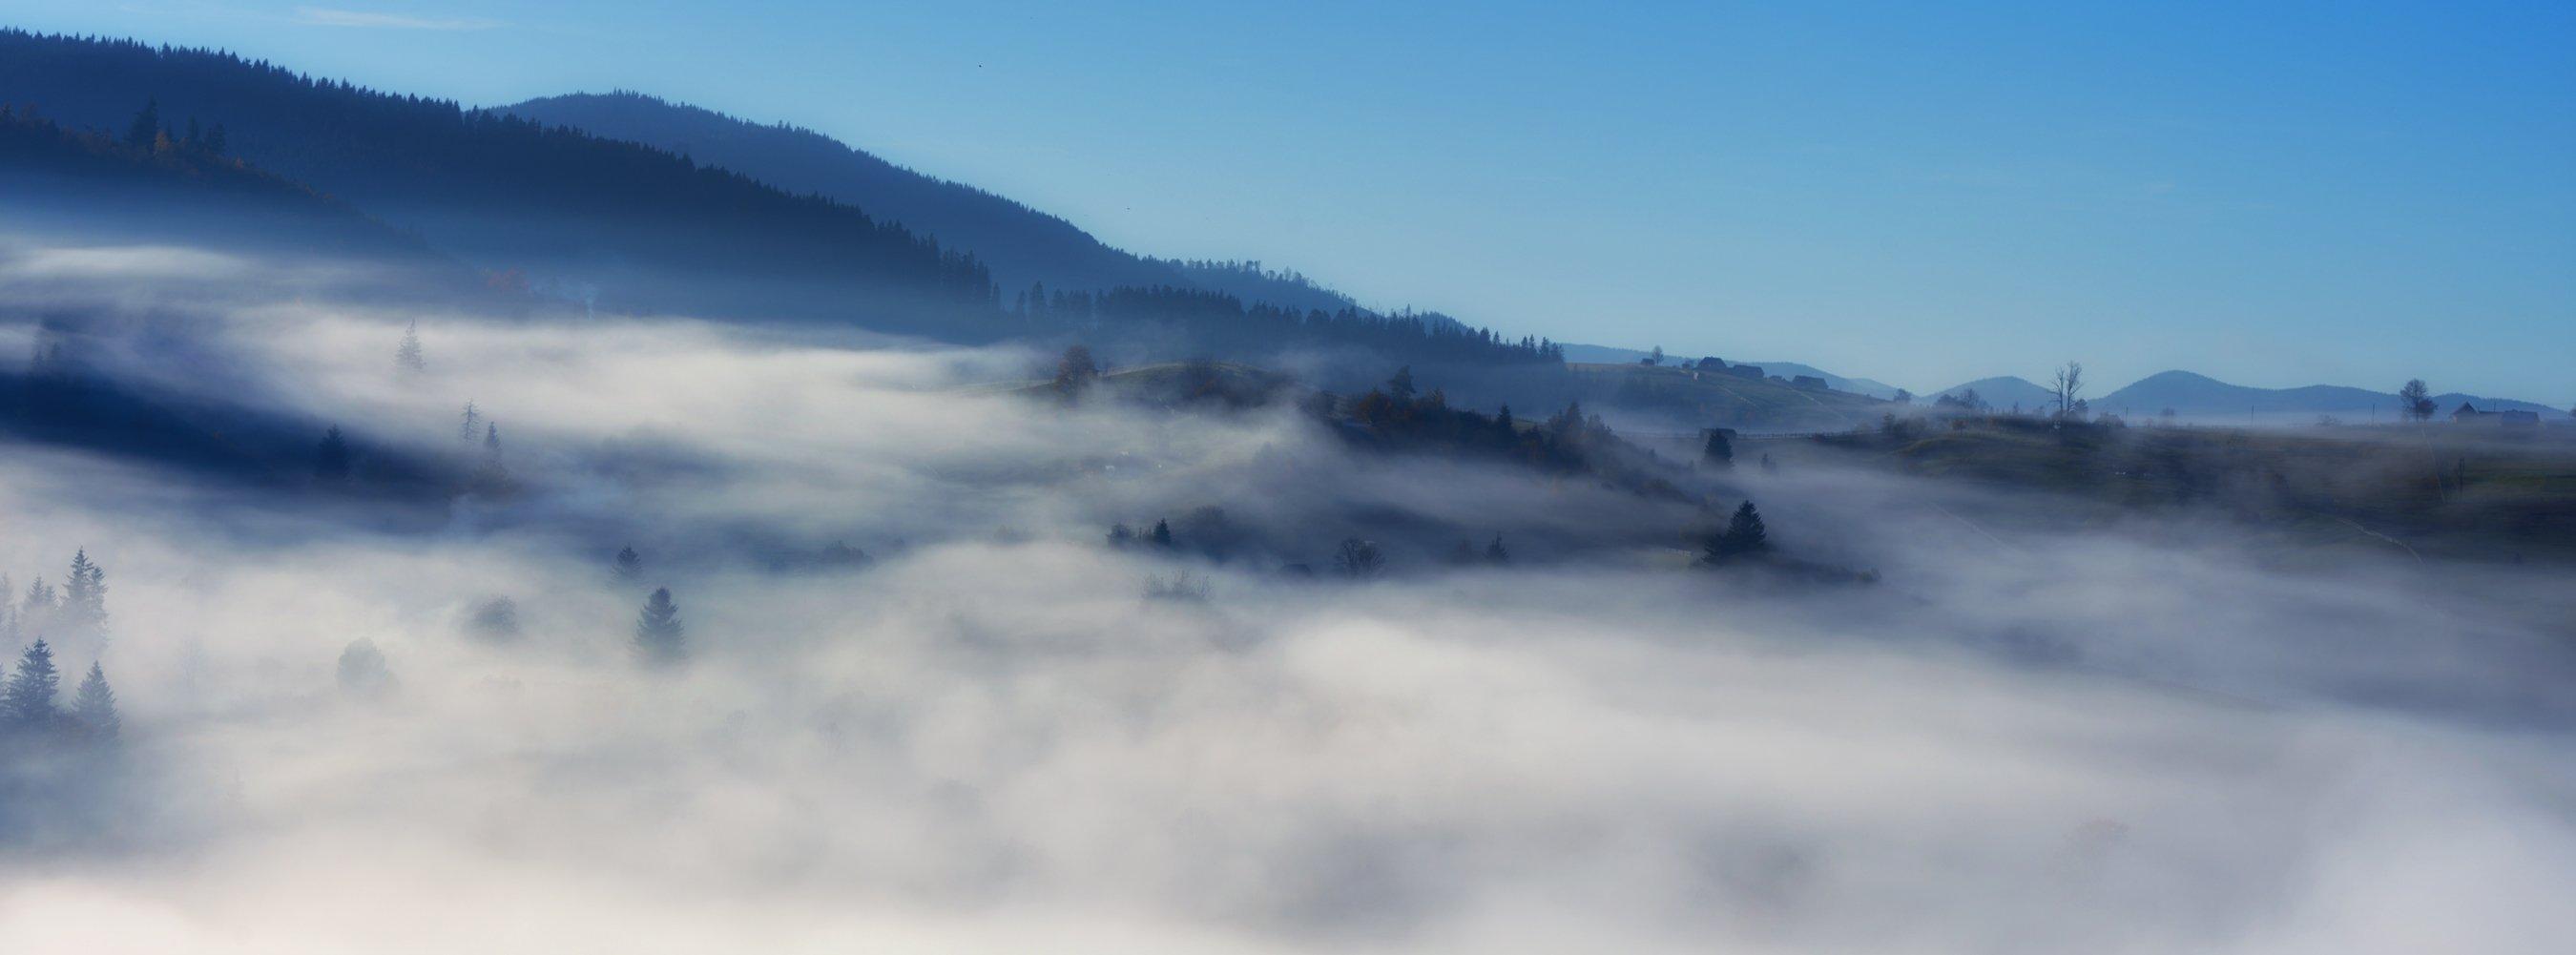 горы, осень, туман, Вьюшкин Игорь